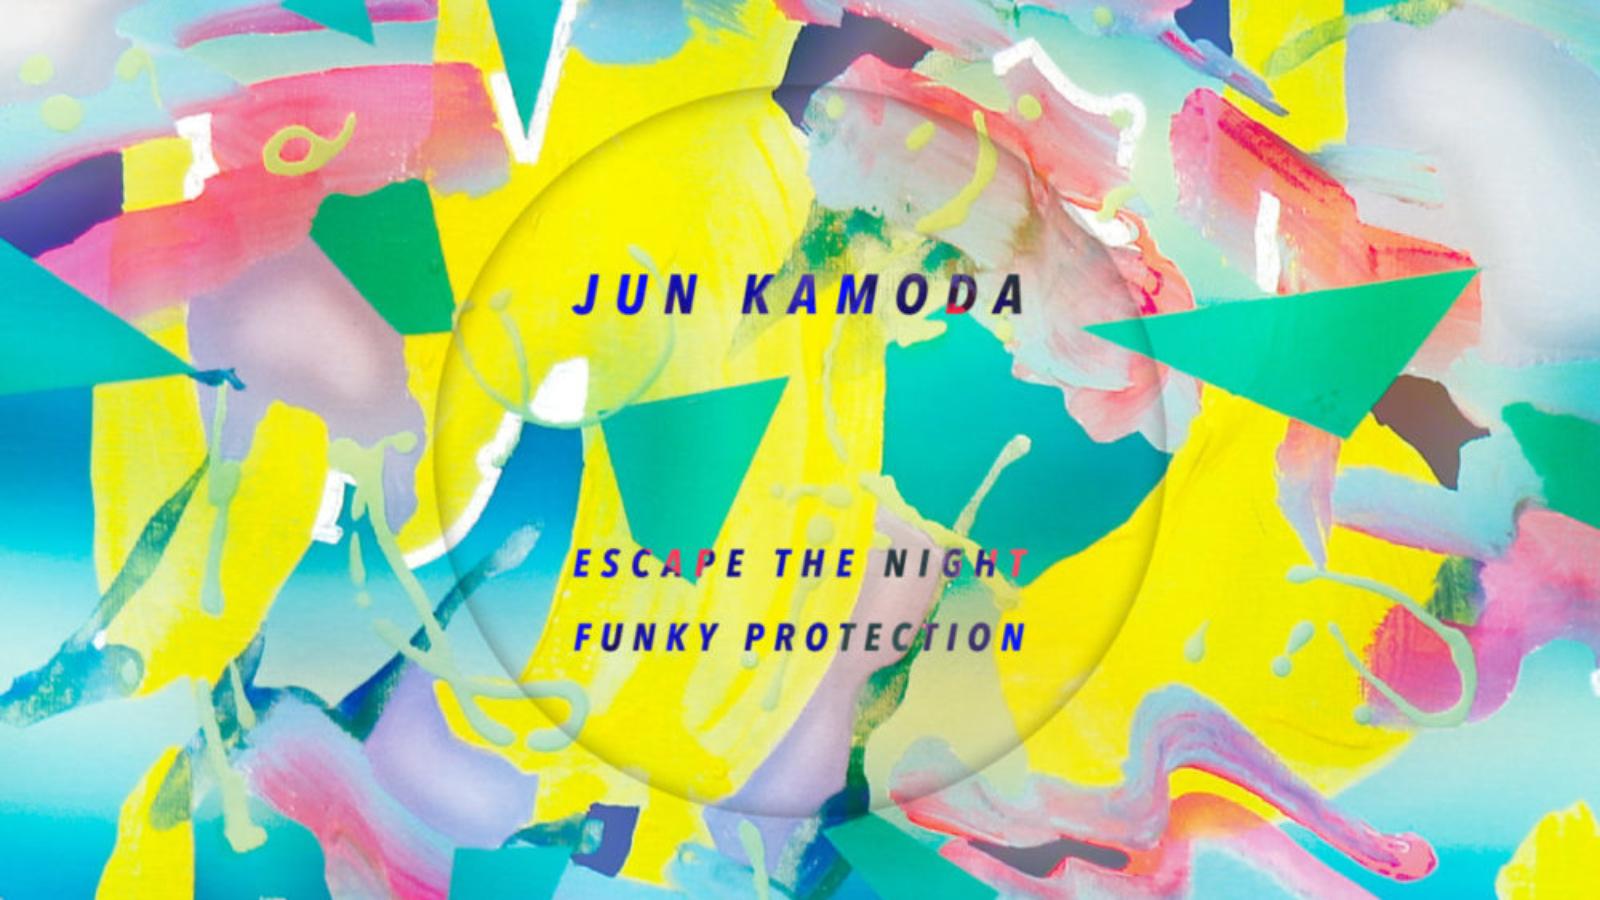 JUN007 PACKSHOT Jun Kamoda - Escape The Night - Jun Records